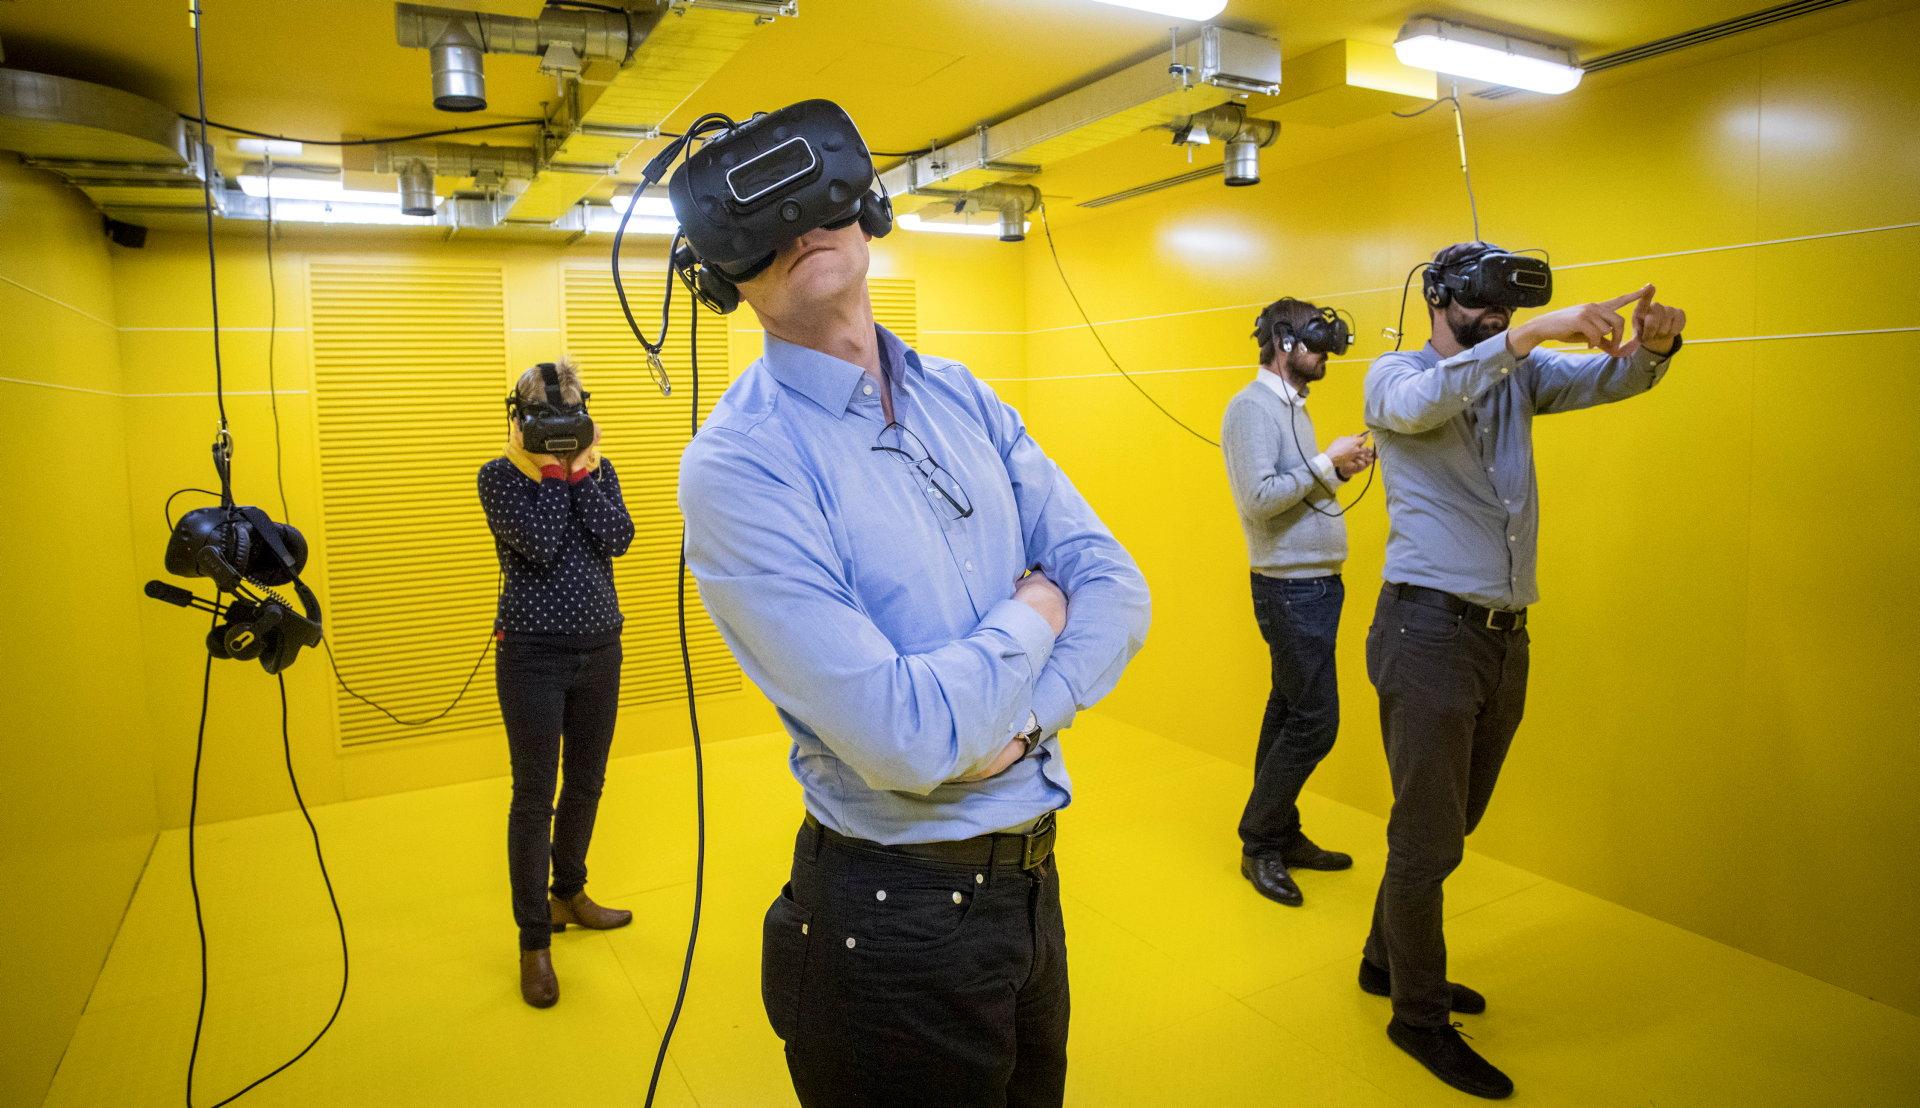 Vier Personen stehen in einem vollständig gelben Raum mit Virtual-Reality-Brillen auf dem Kopf.